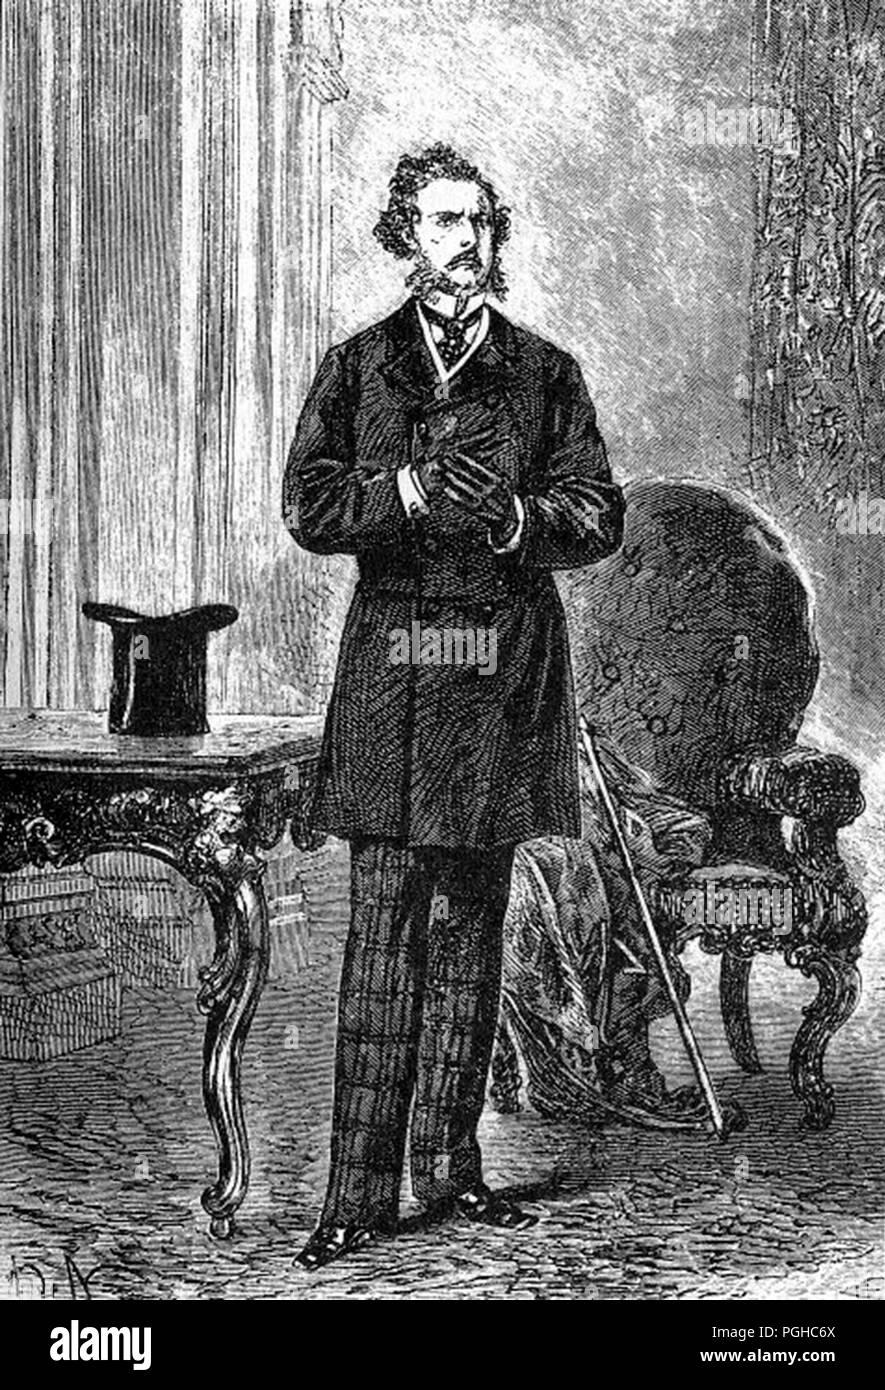 Filea Fogg da Alphonse de Neuville e Léon Benet, Filea Fogg è il protagonista nel 1873 Jules Verne romanzo il giro del mondo in ottanta giorni. Immagini Stock